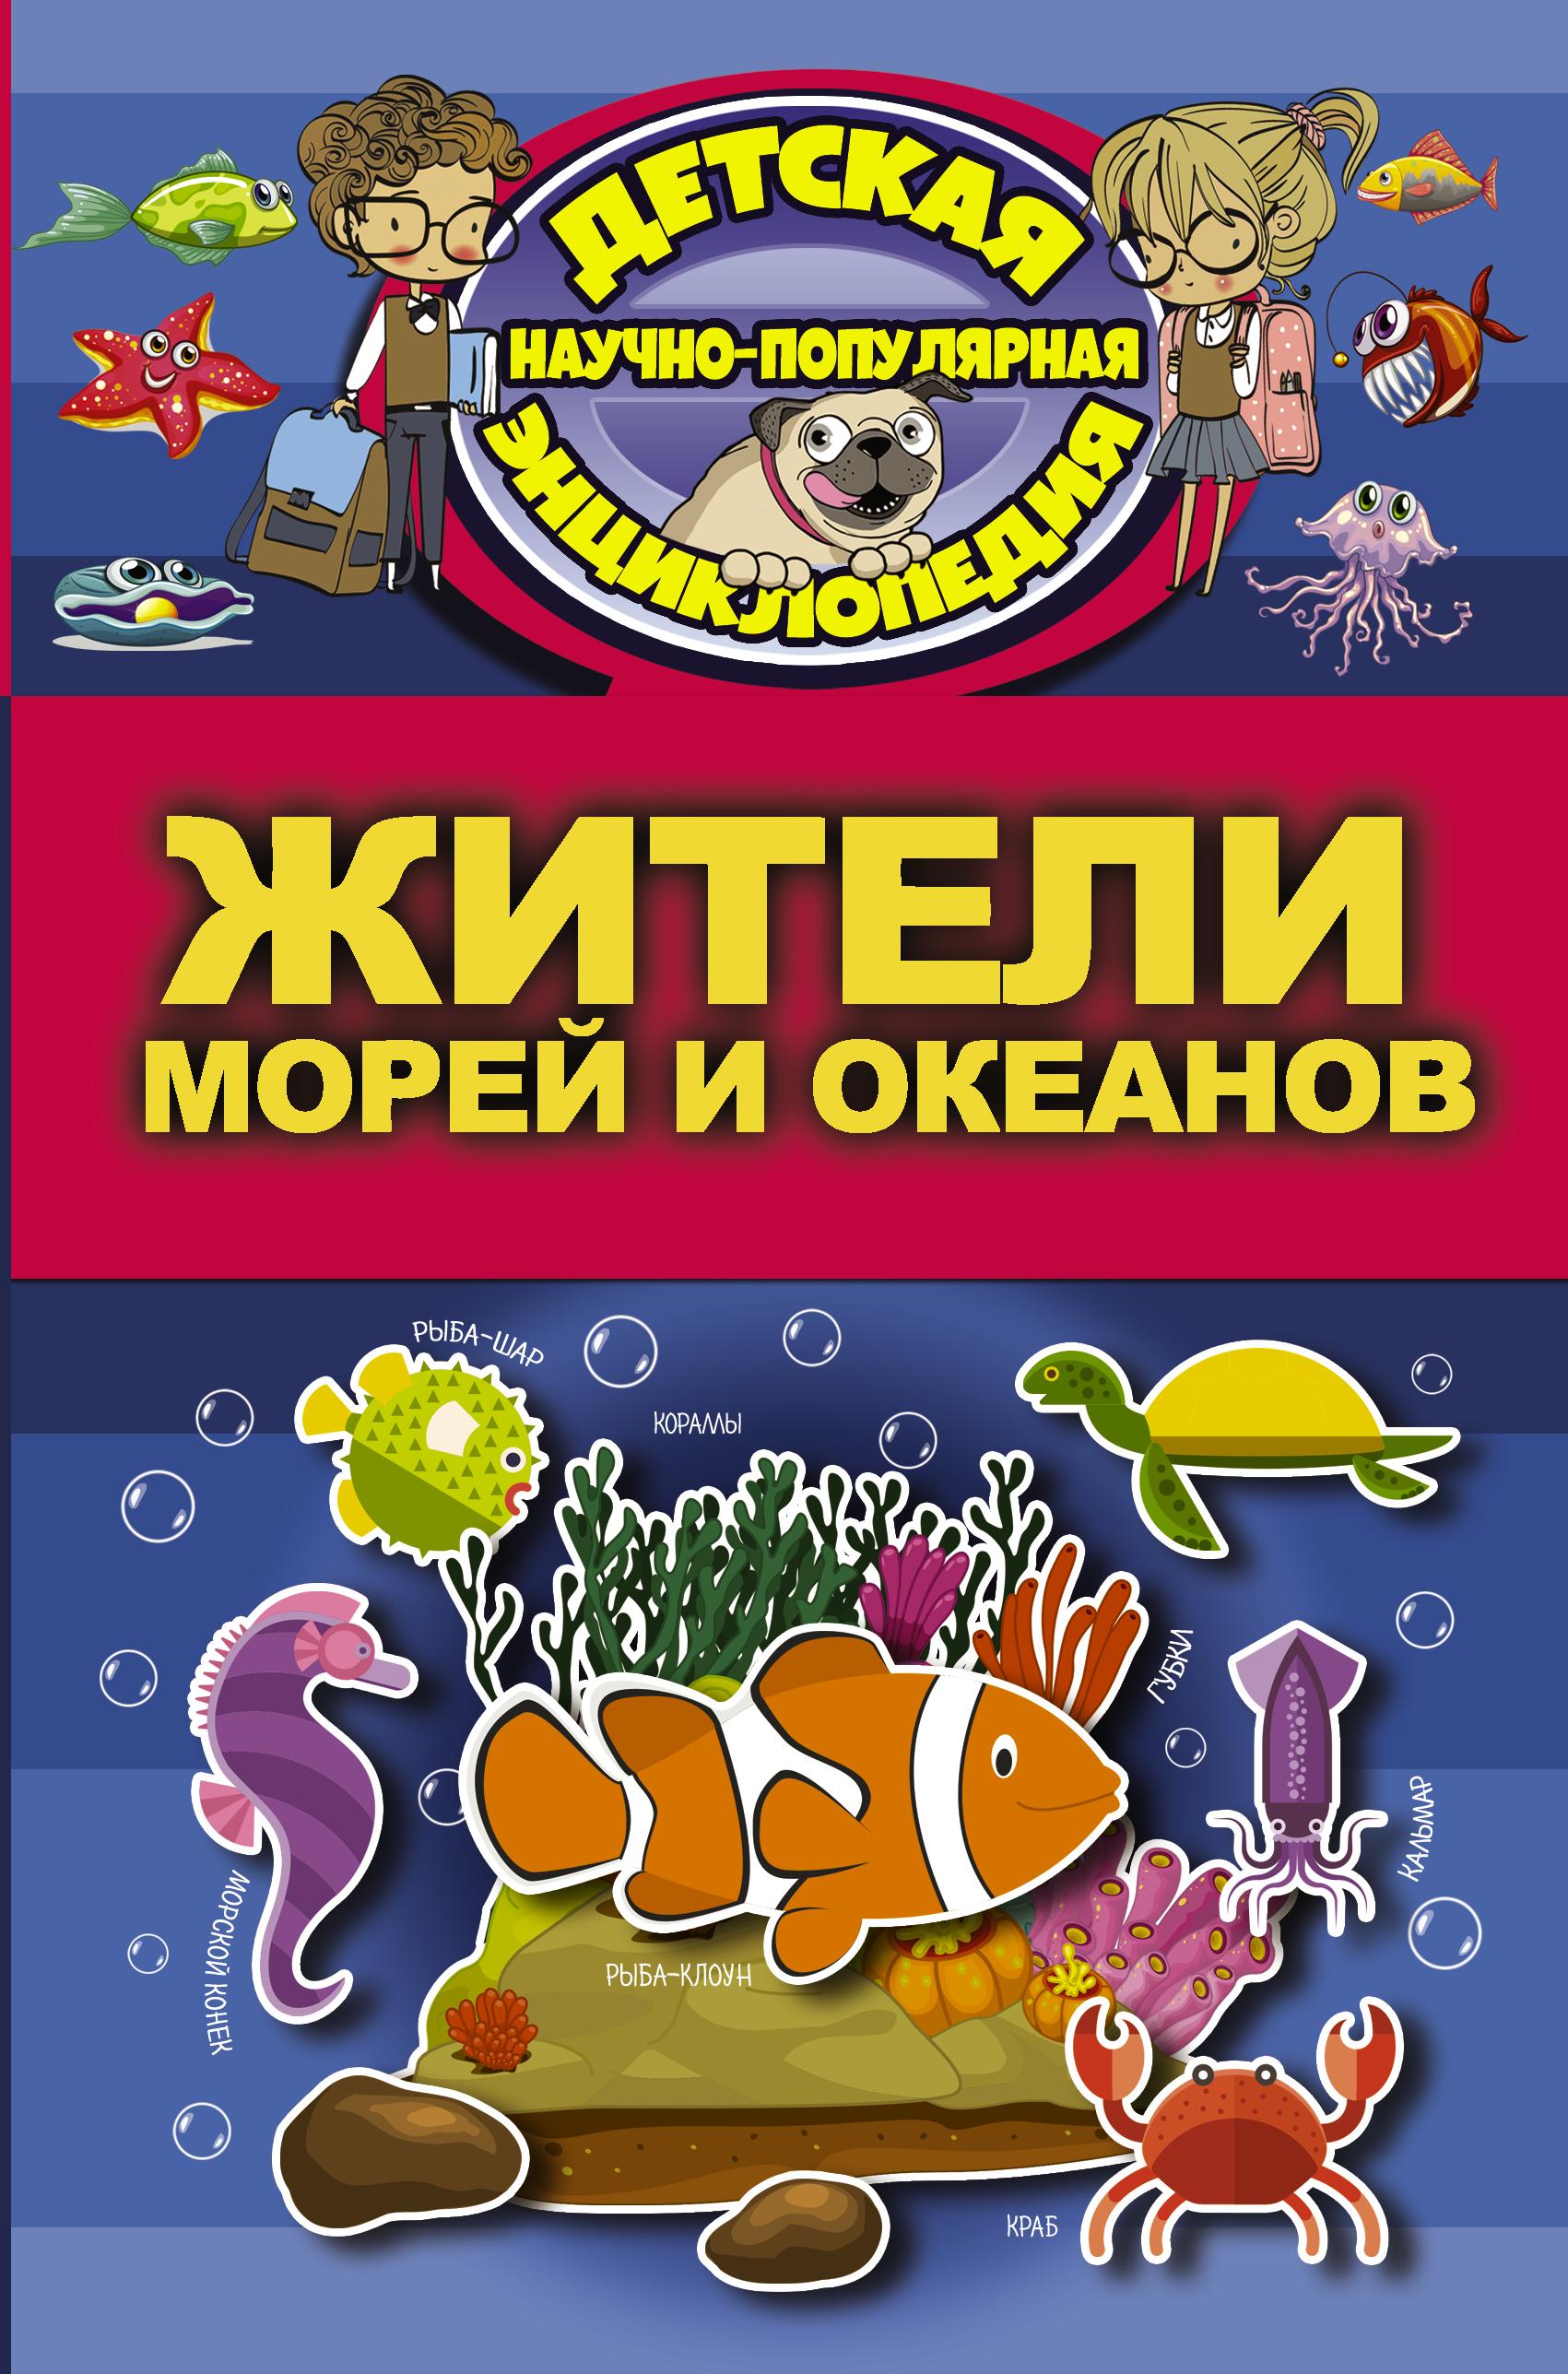 Жители морей и океанов ( .  )